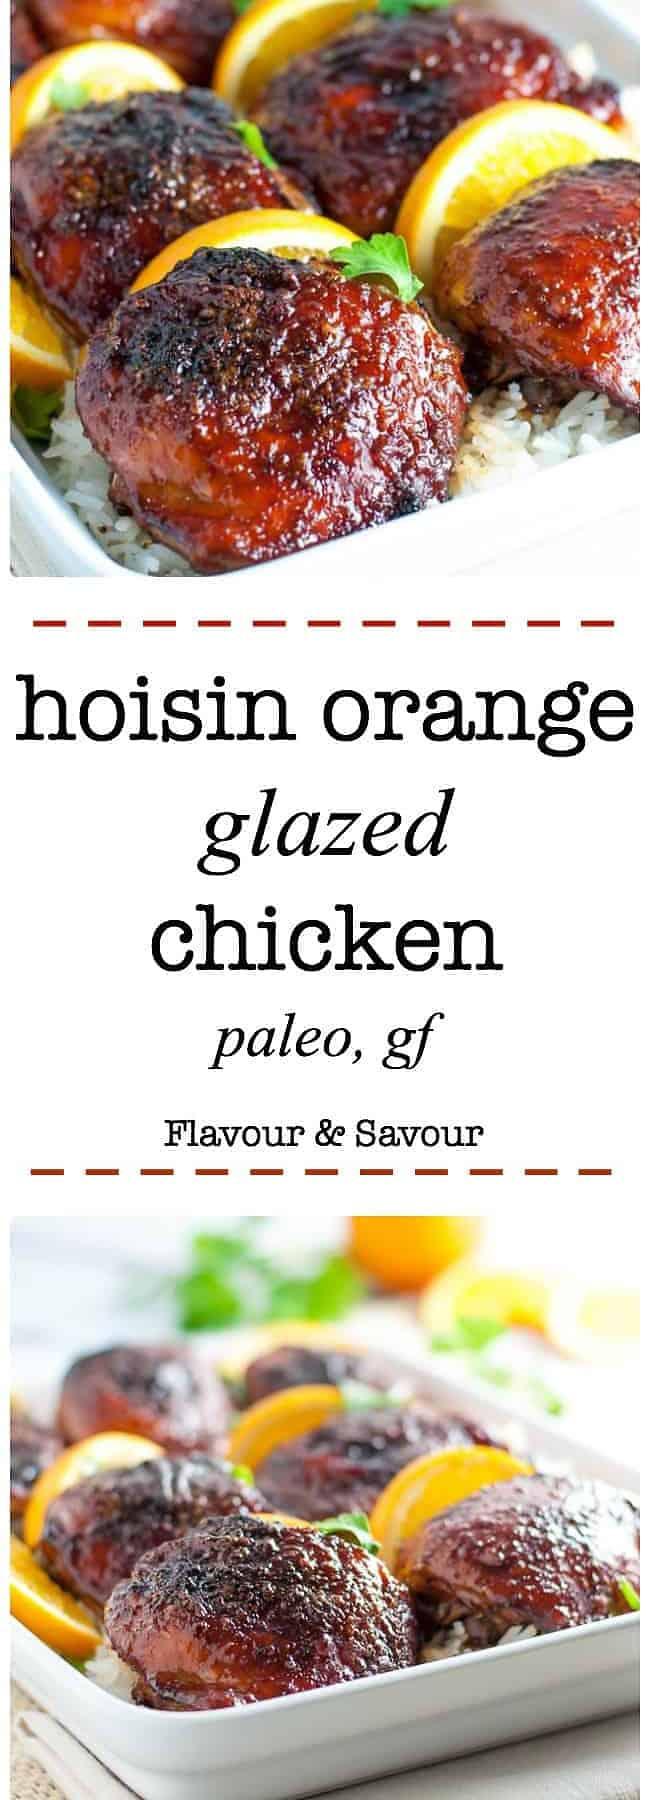 Hoisin Orange Glazed Chicken Thighs. An easy, 5-ingredient glaze for chicken results in succulent, juicy chicken with hints of orange, ginger and garlic. #orange #chicken #Asian